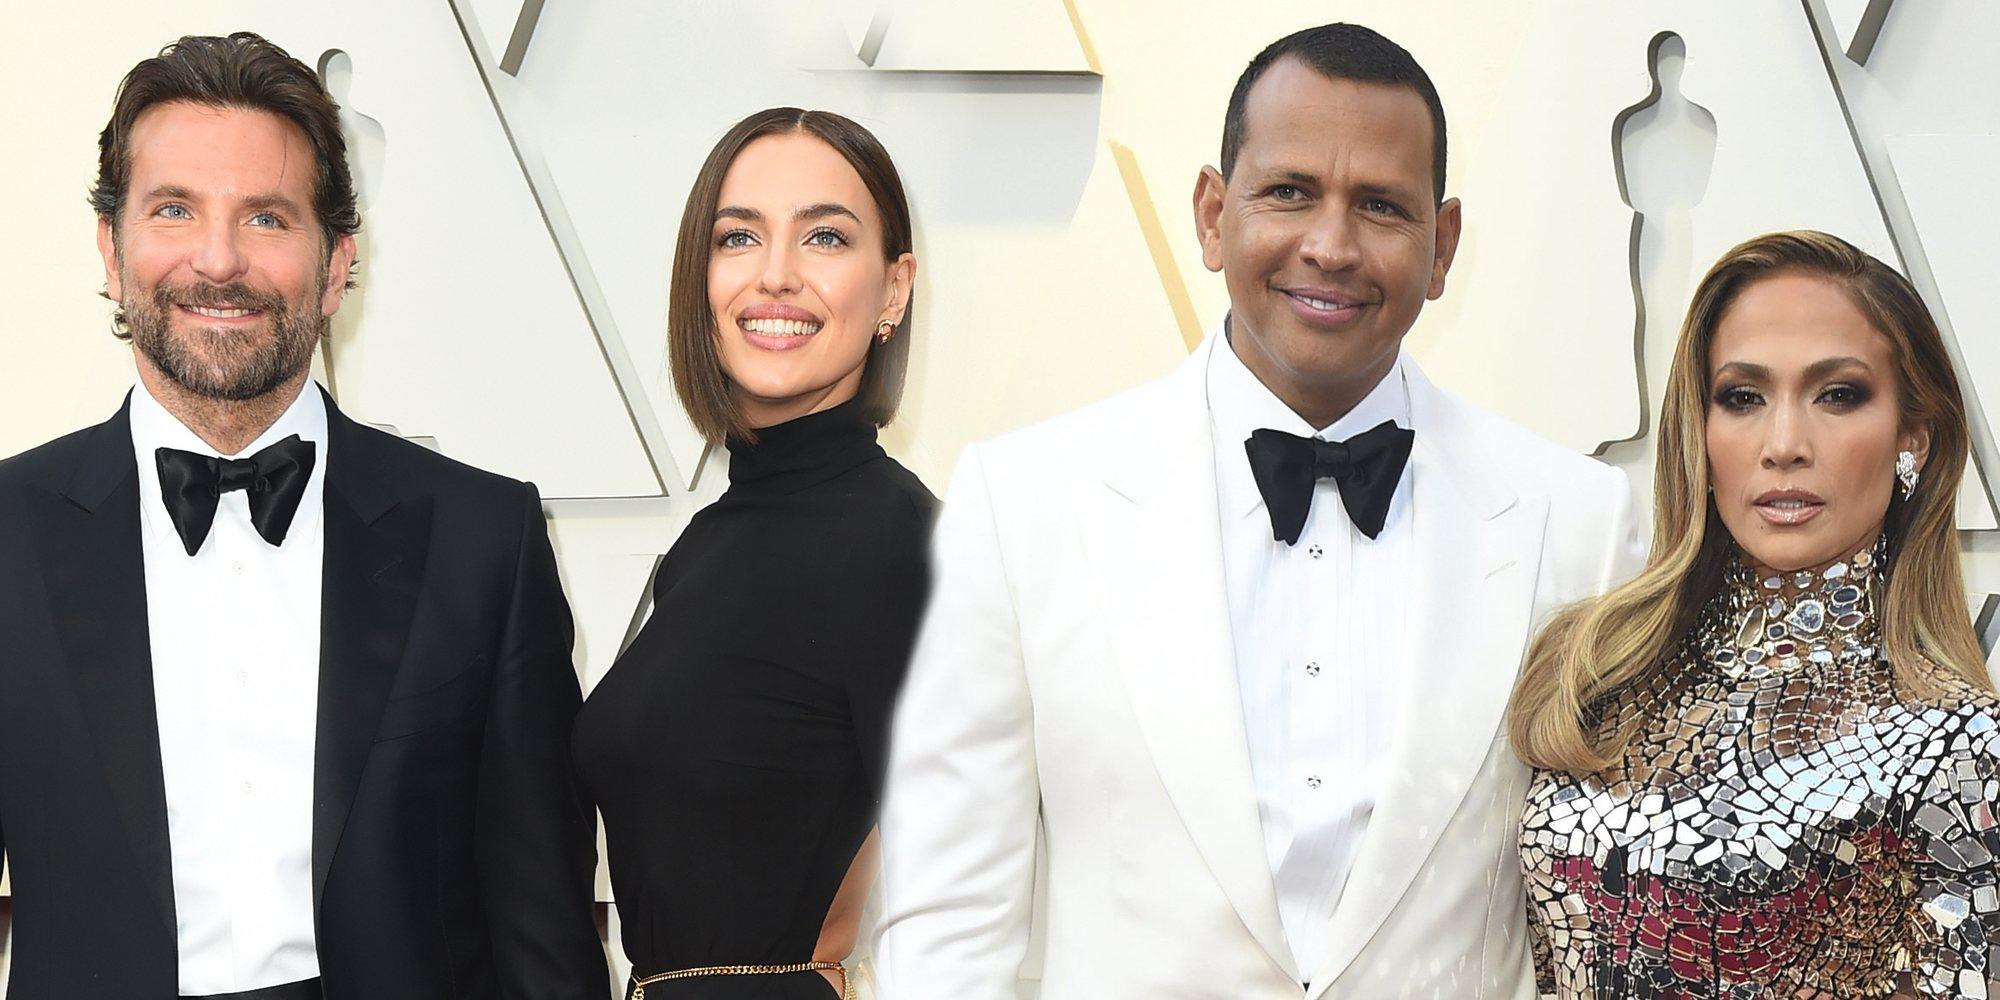 Cooper y Shayk, JLo y Alex Rodriguez... entre las parejas de la alfombra roja de los Oscar 2019